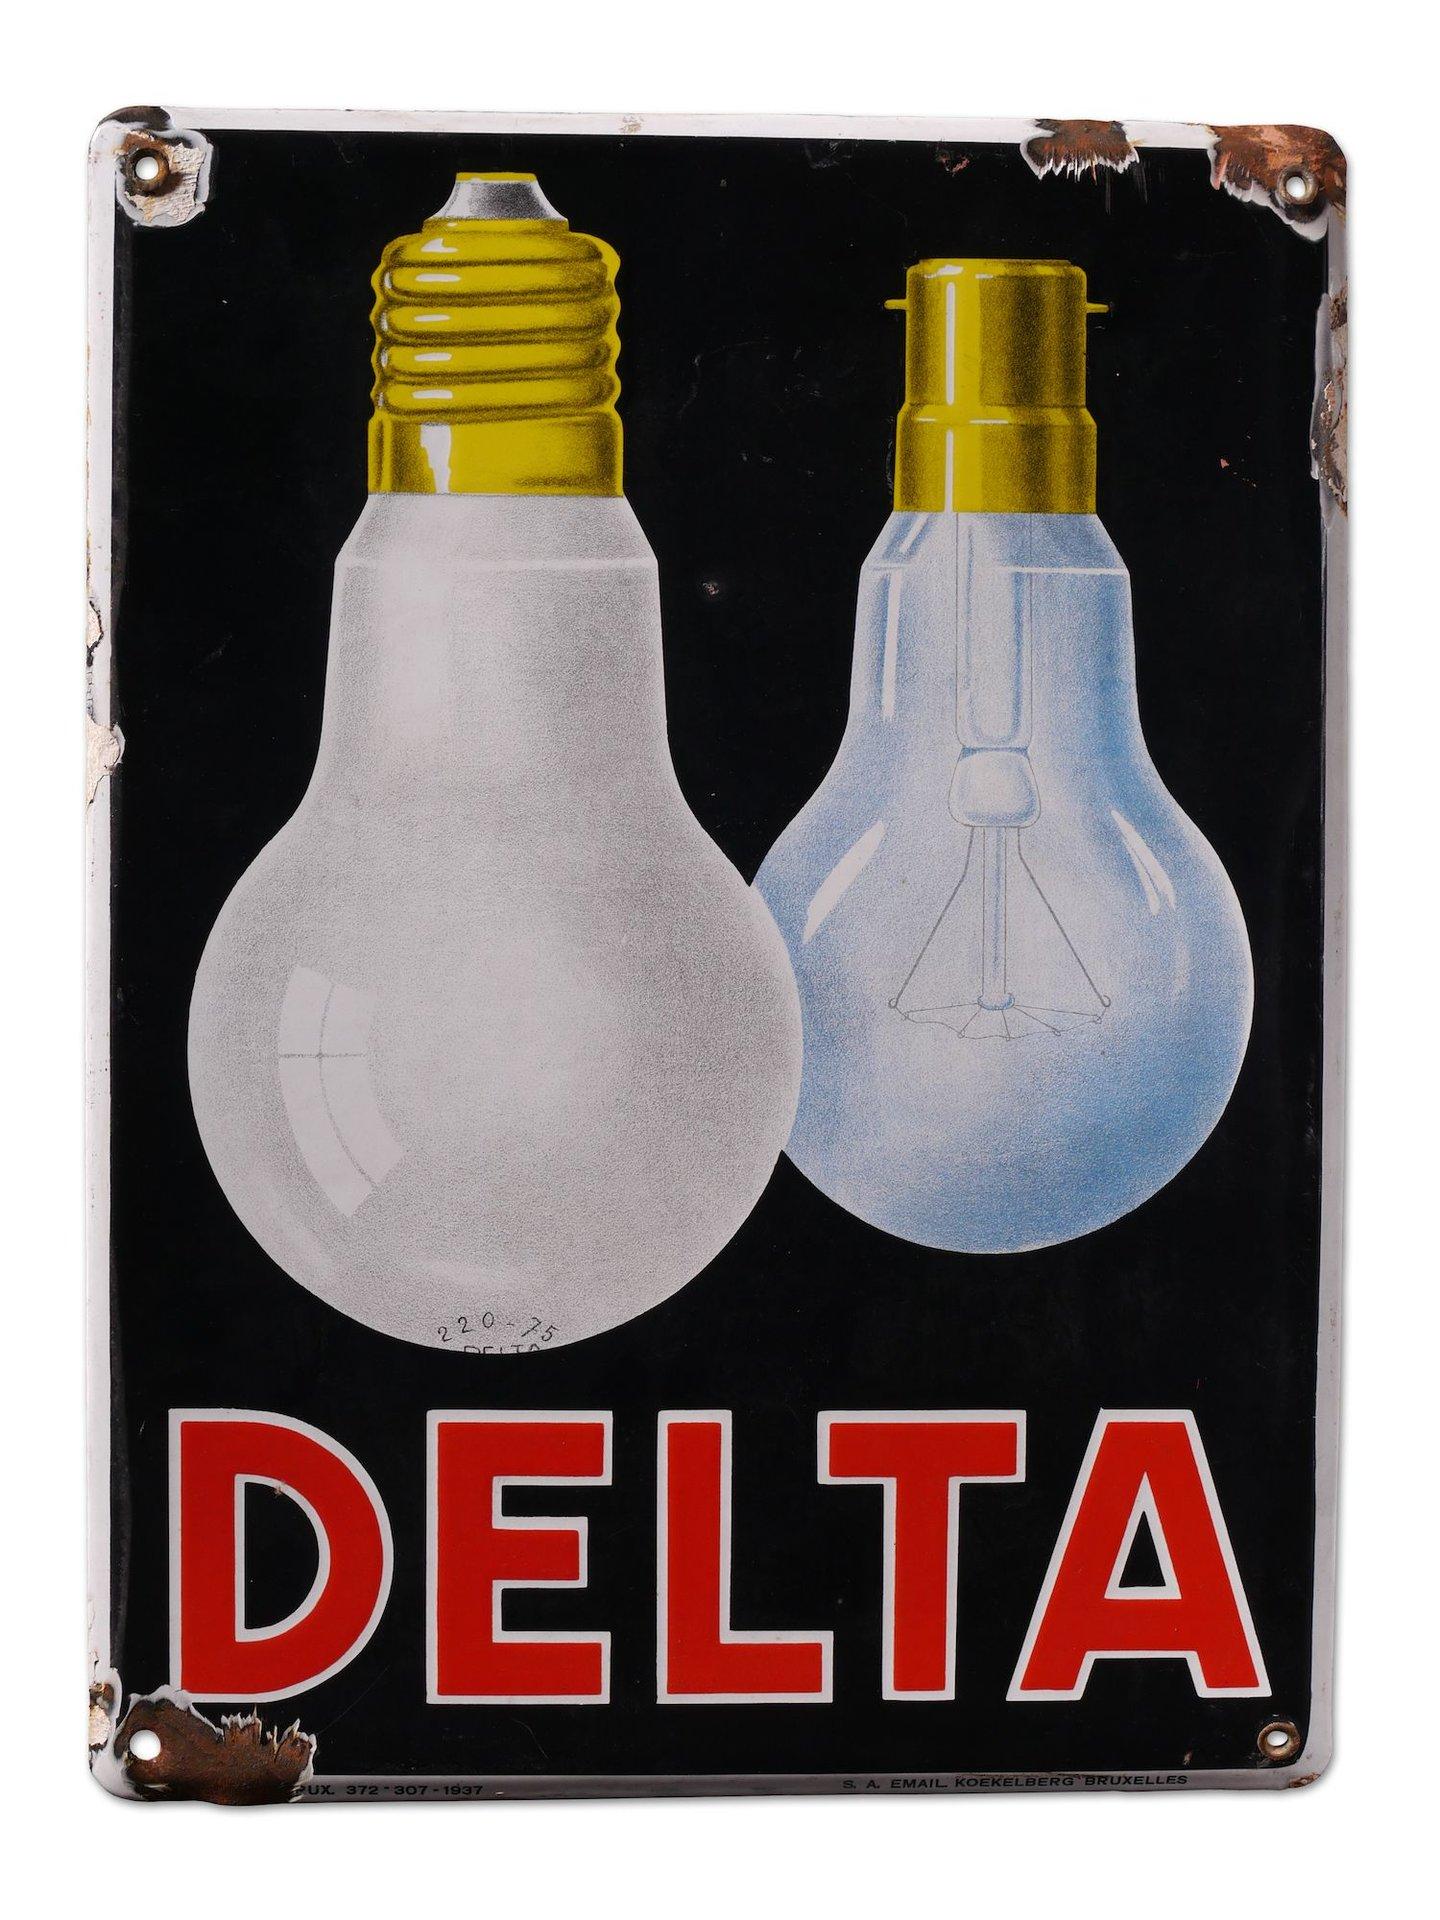 Geëmailleerd reclamebord voor lampen van het merk Delta